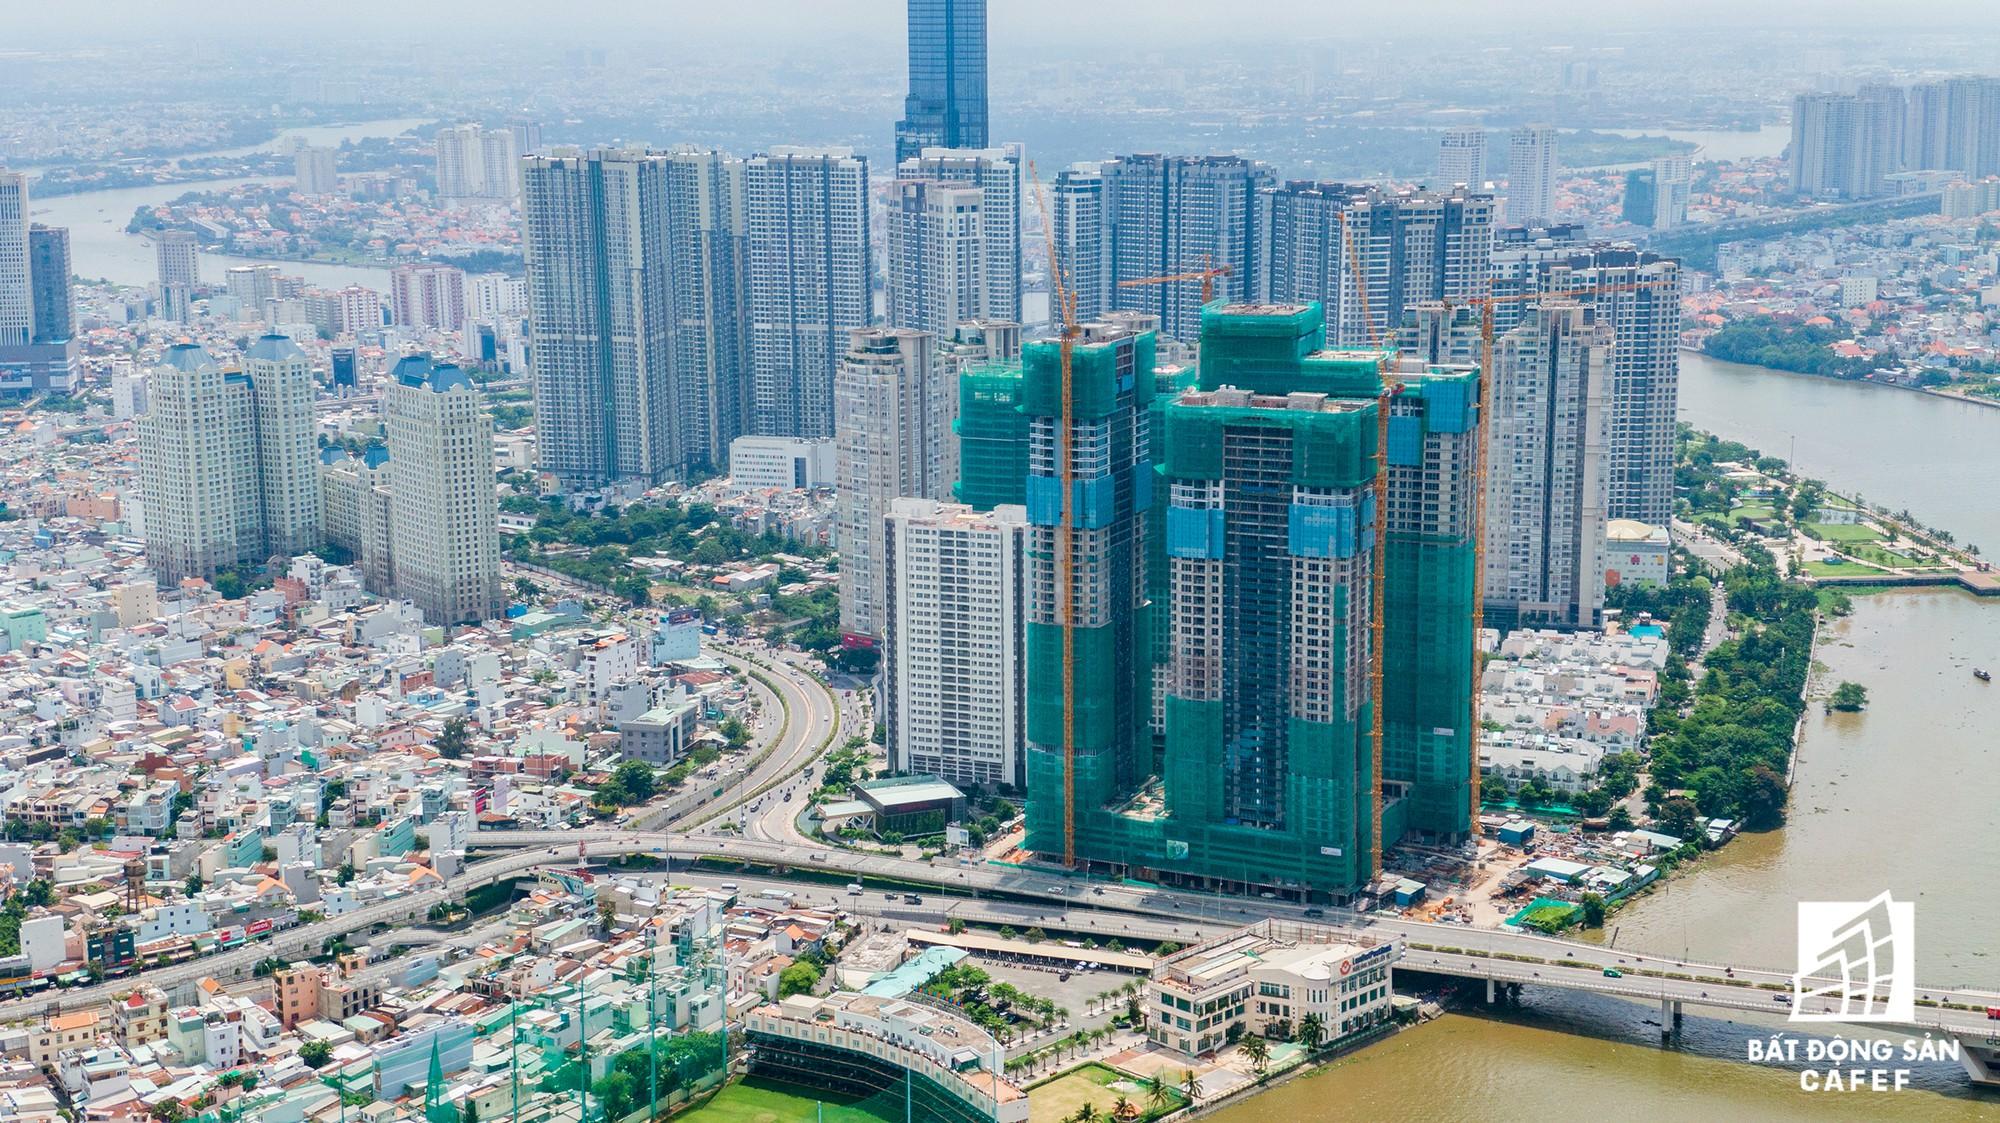 Những cửa ngõ ra vào trung tâm Sài Gòn đang bị bóp nghẹt như thế nào? - Ảnh 4.